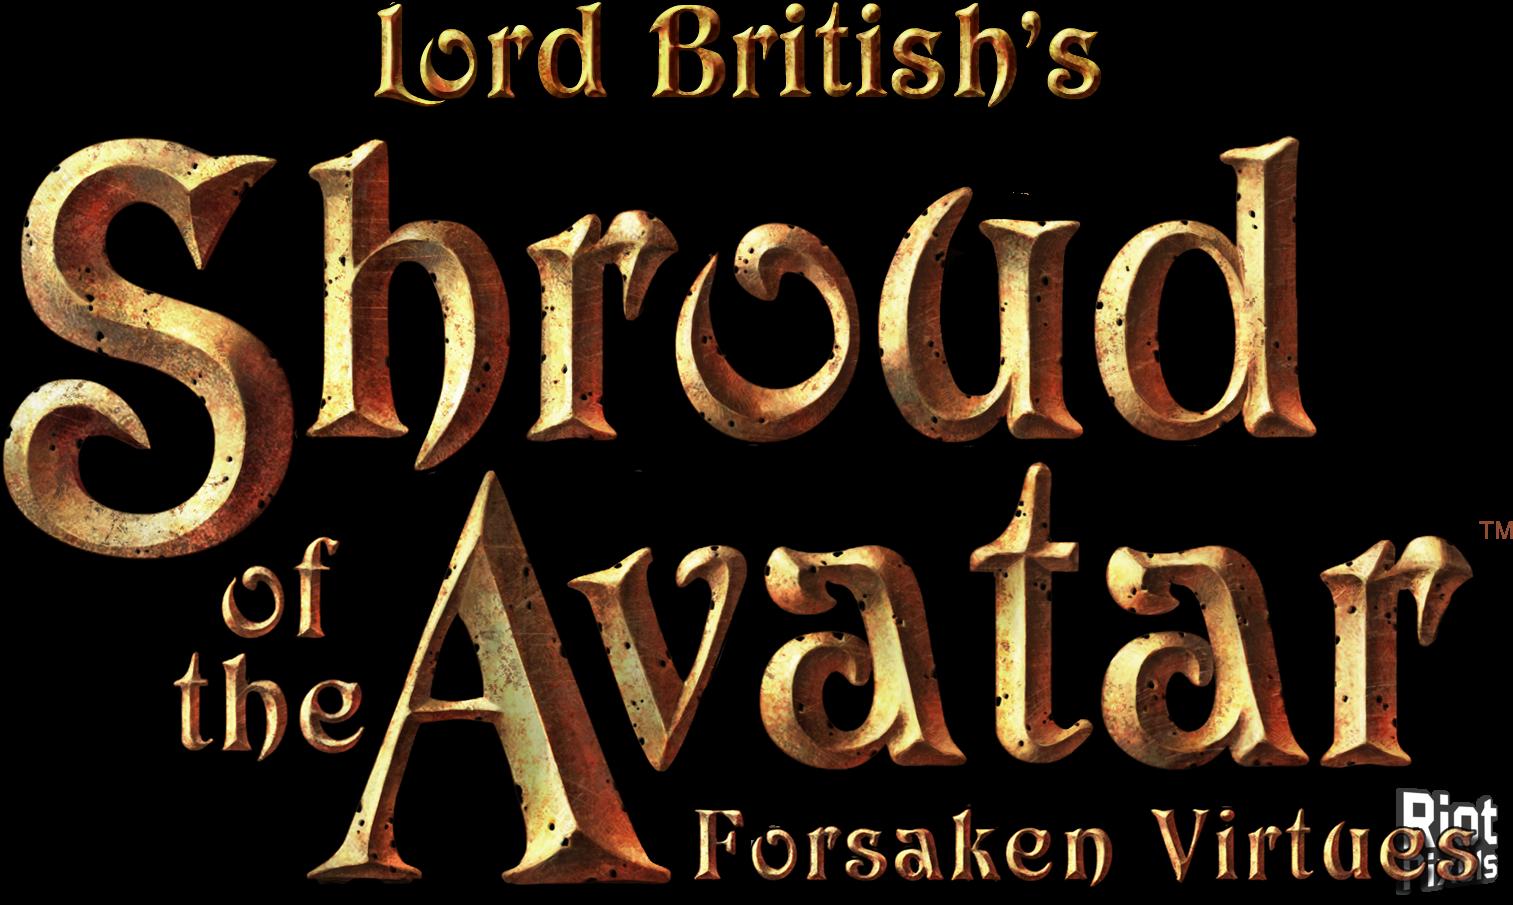 artwork.shroud-of-the-avatar-forsaken-vi